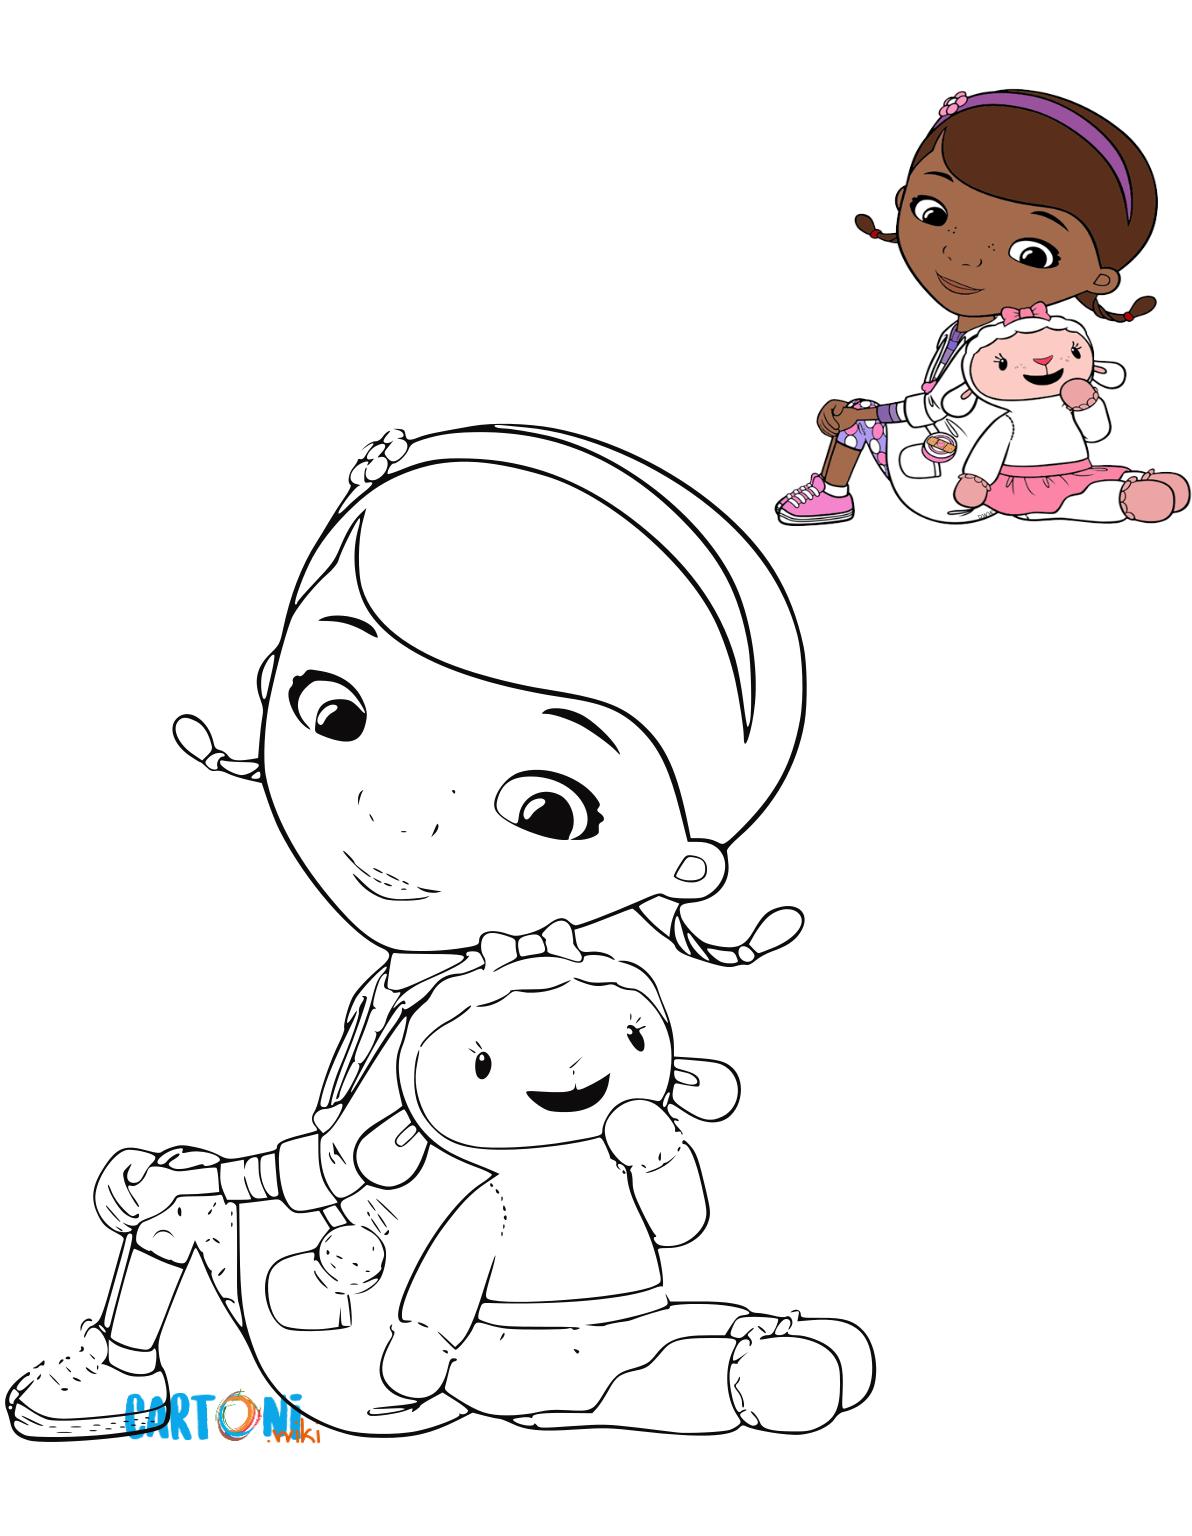 Stampa e colora dottoressa peluche cartoni animati for Disegni da colorare dottoressa peluche gratis